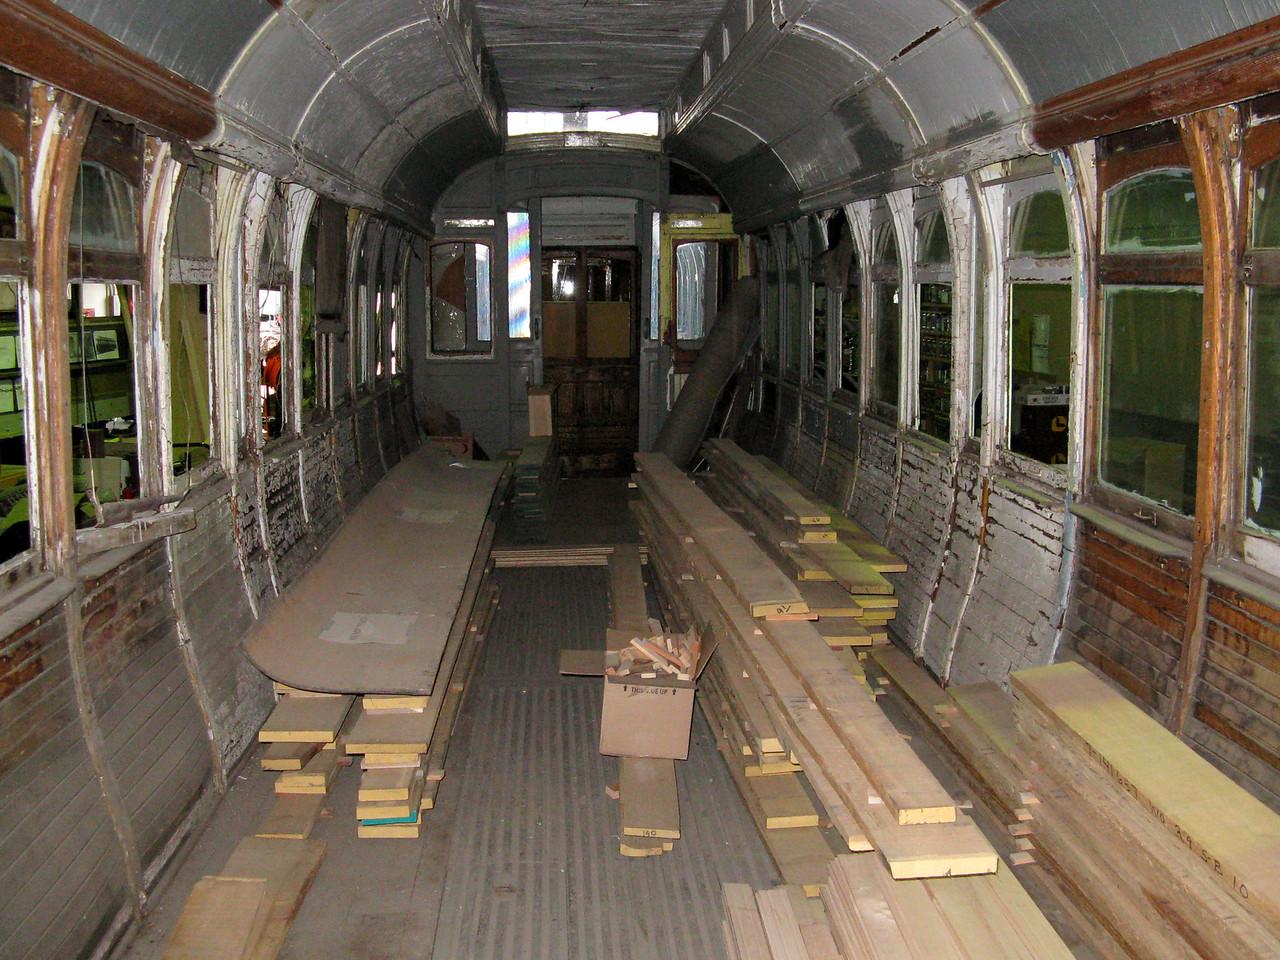 12-05-07 Trolley 004